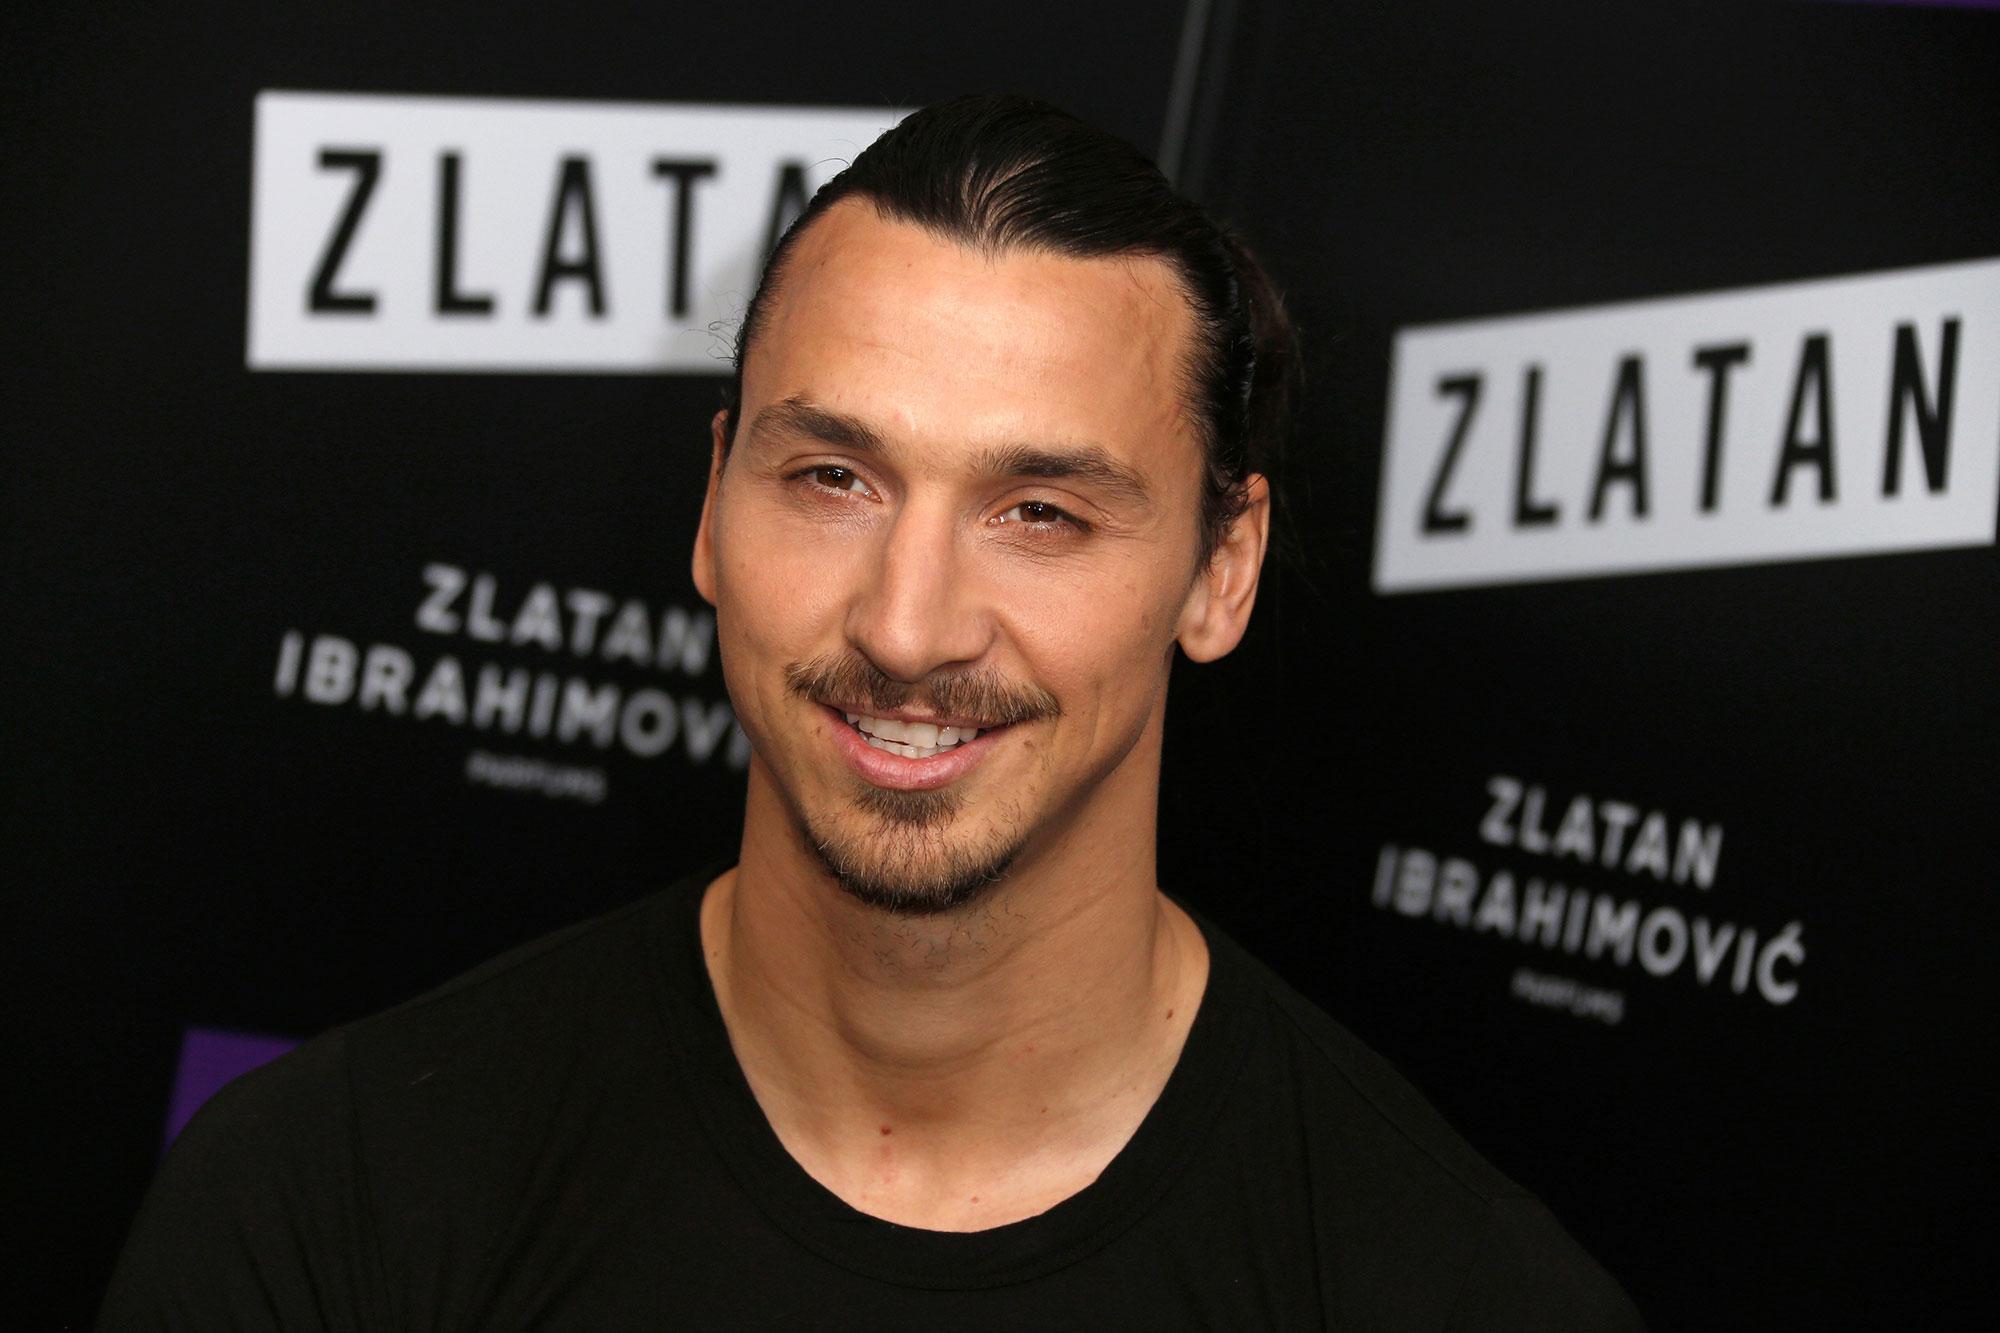 Zlatan Ibrahimovic reçoit la médaille de Paris